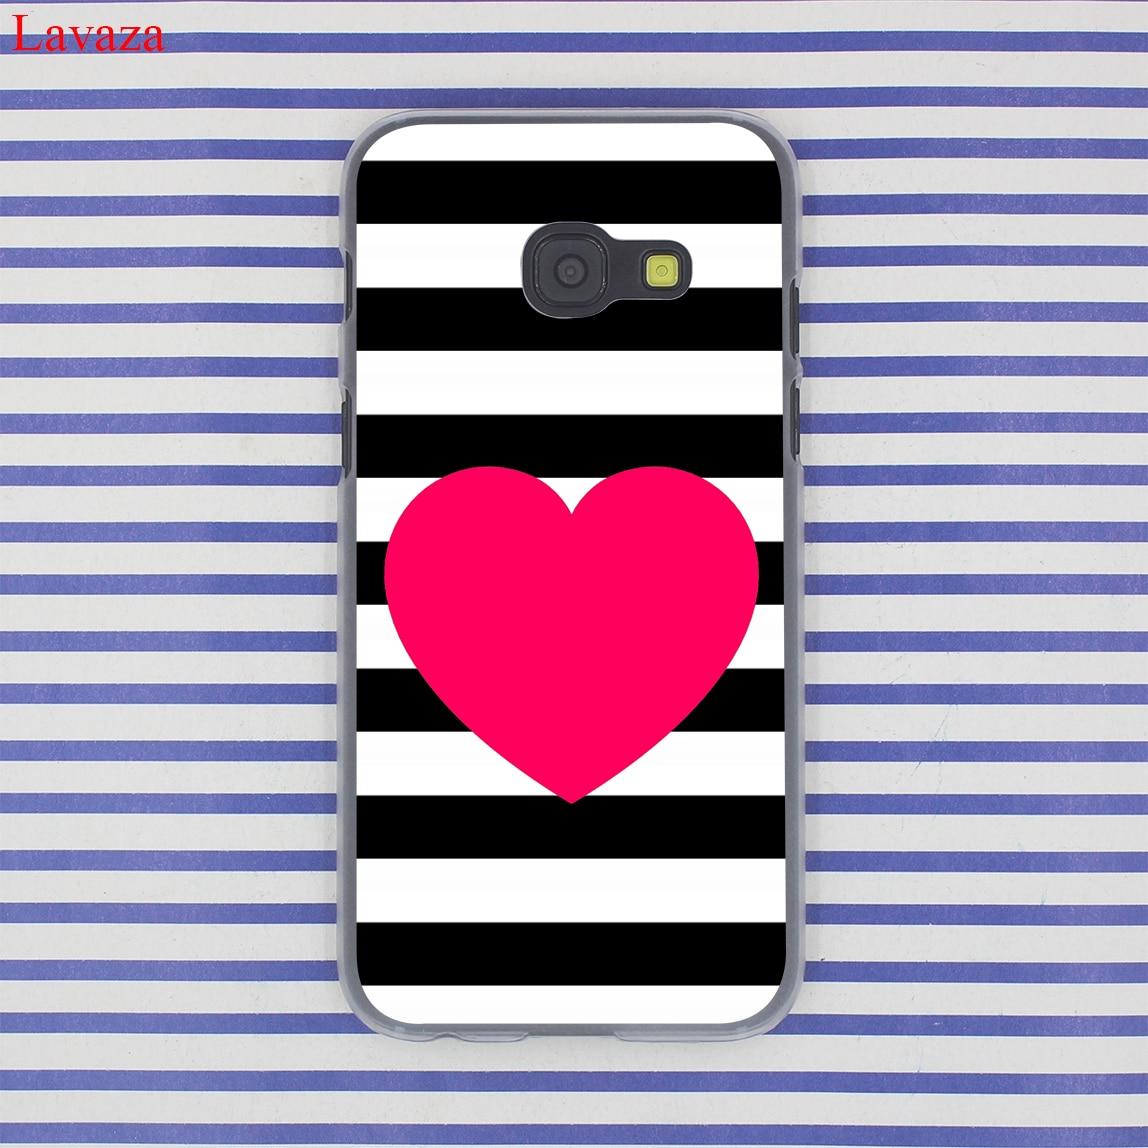 Լավագույն վարդագույն շերտեր սրտի - Բջջային հեռախոսի պարագաներ և պահեստամասեր - Լուսանկար 5